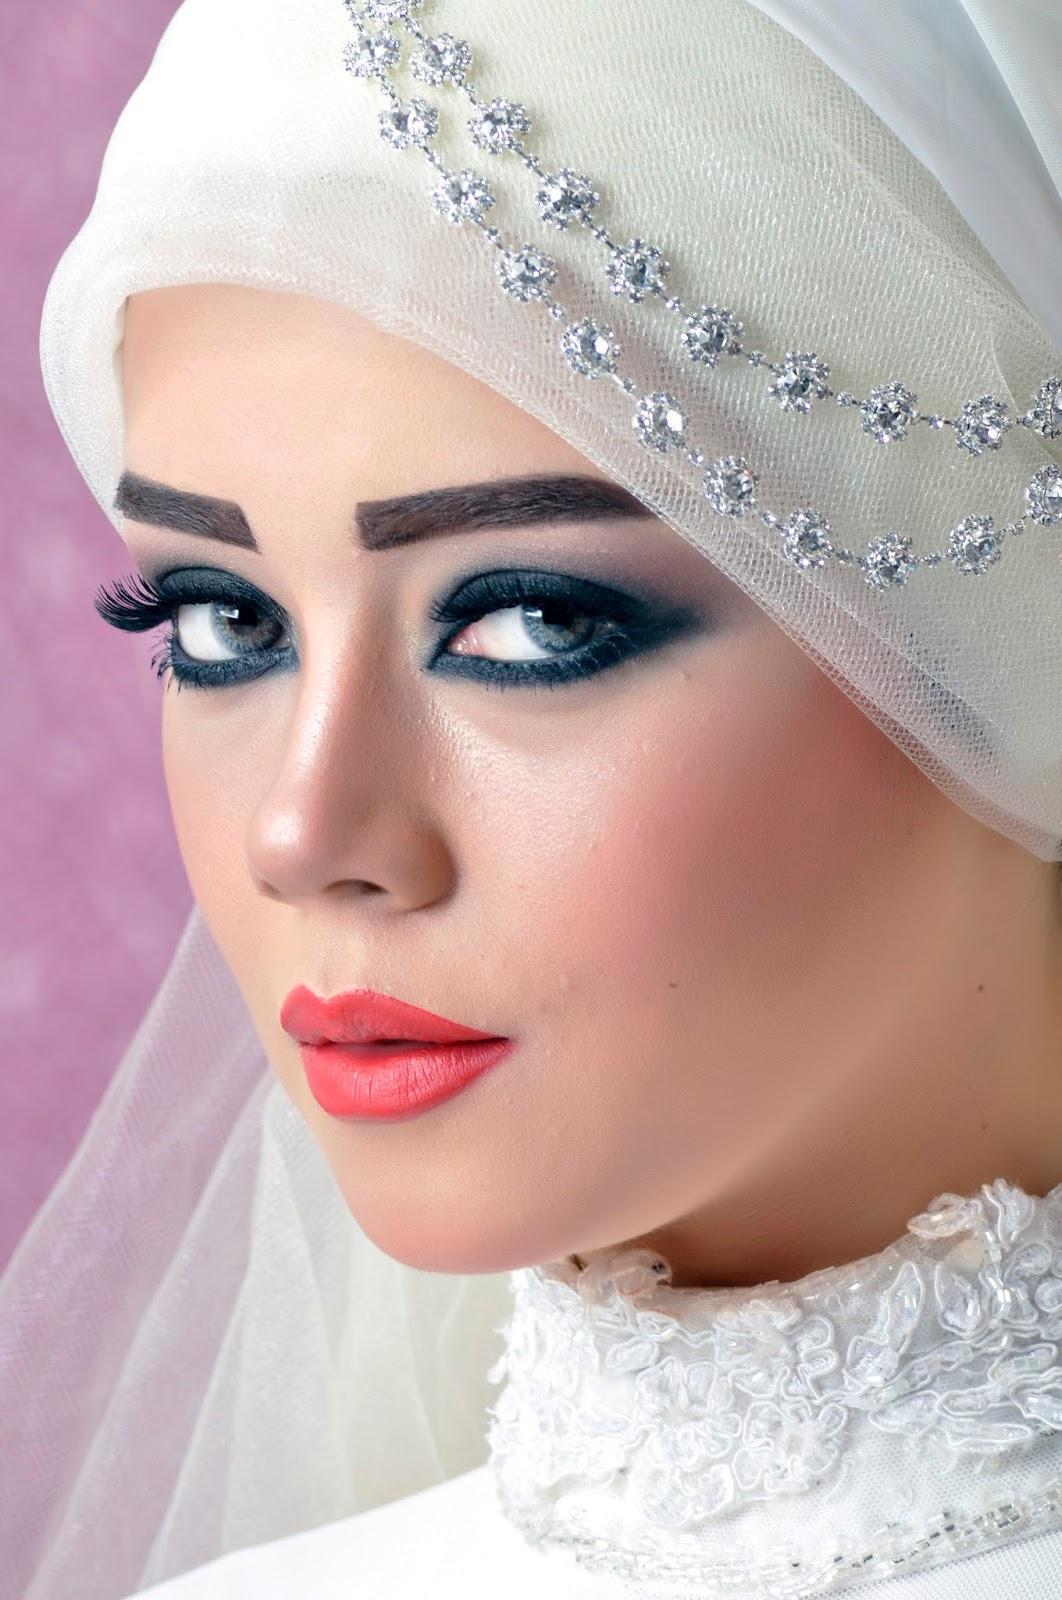 صور صور عرايس محجبات , موديلات فستان زفاف محجبات